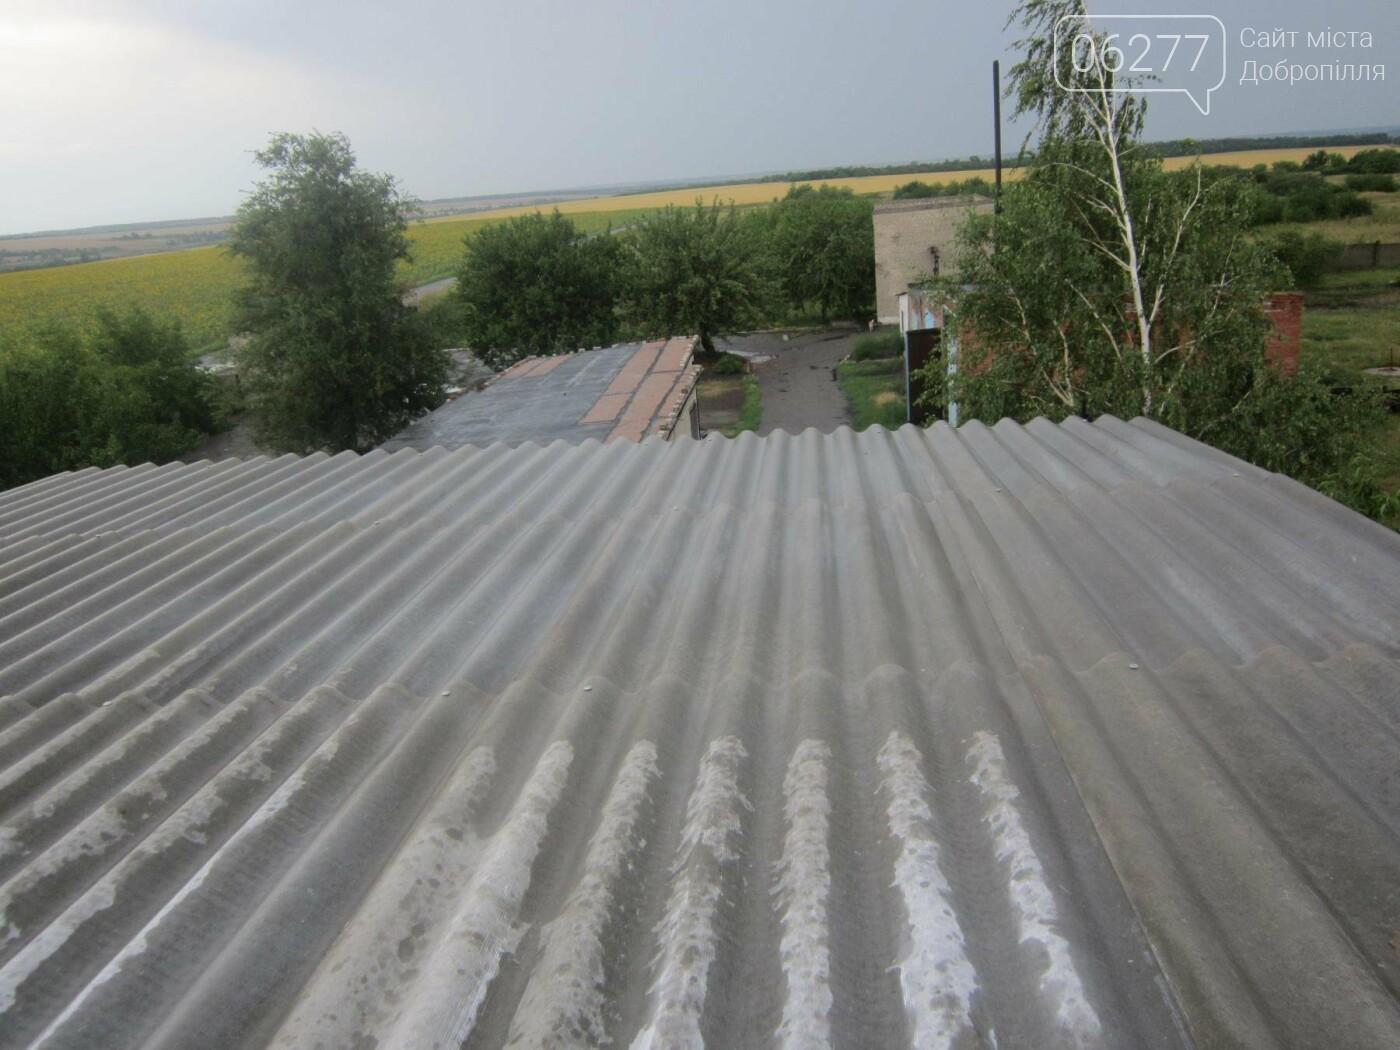 В Добропольском ПУВКХ продолжается выполнение мероприятий по подготовке сетей и сооружений к зиме, фото-3